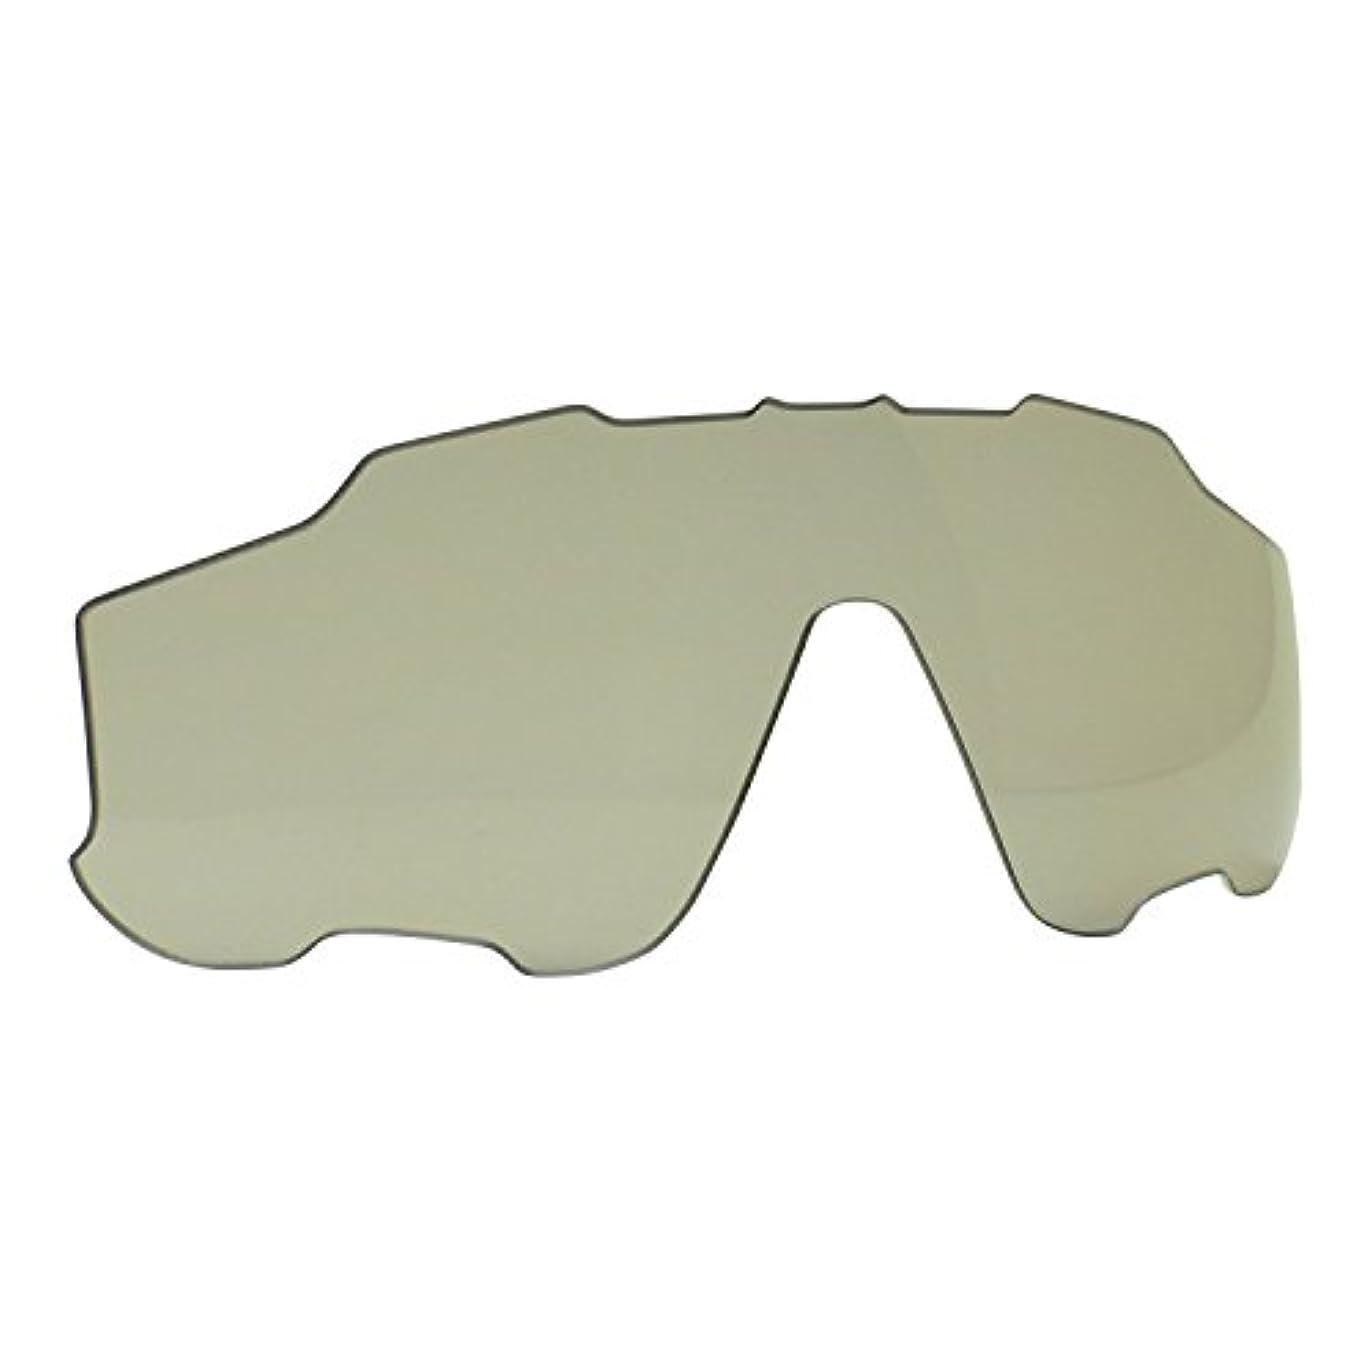 発掘する見せます中止しますグッドマンレンズマニュファクチュア JAWBREAKER用交換レンズ 偏光調光グレー JBK-P301S